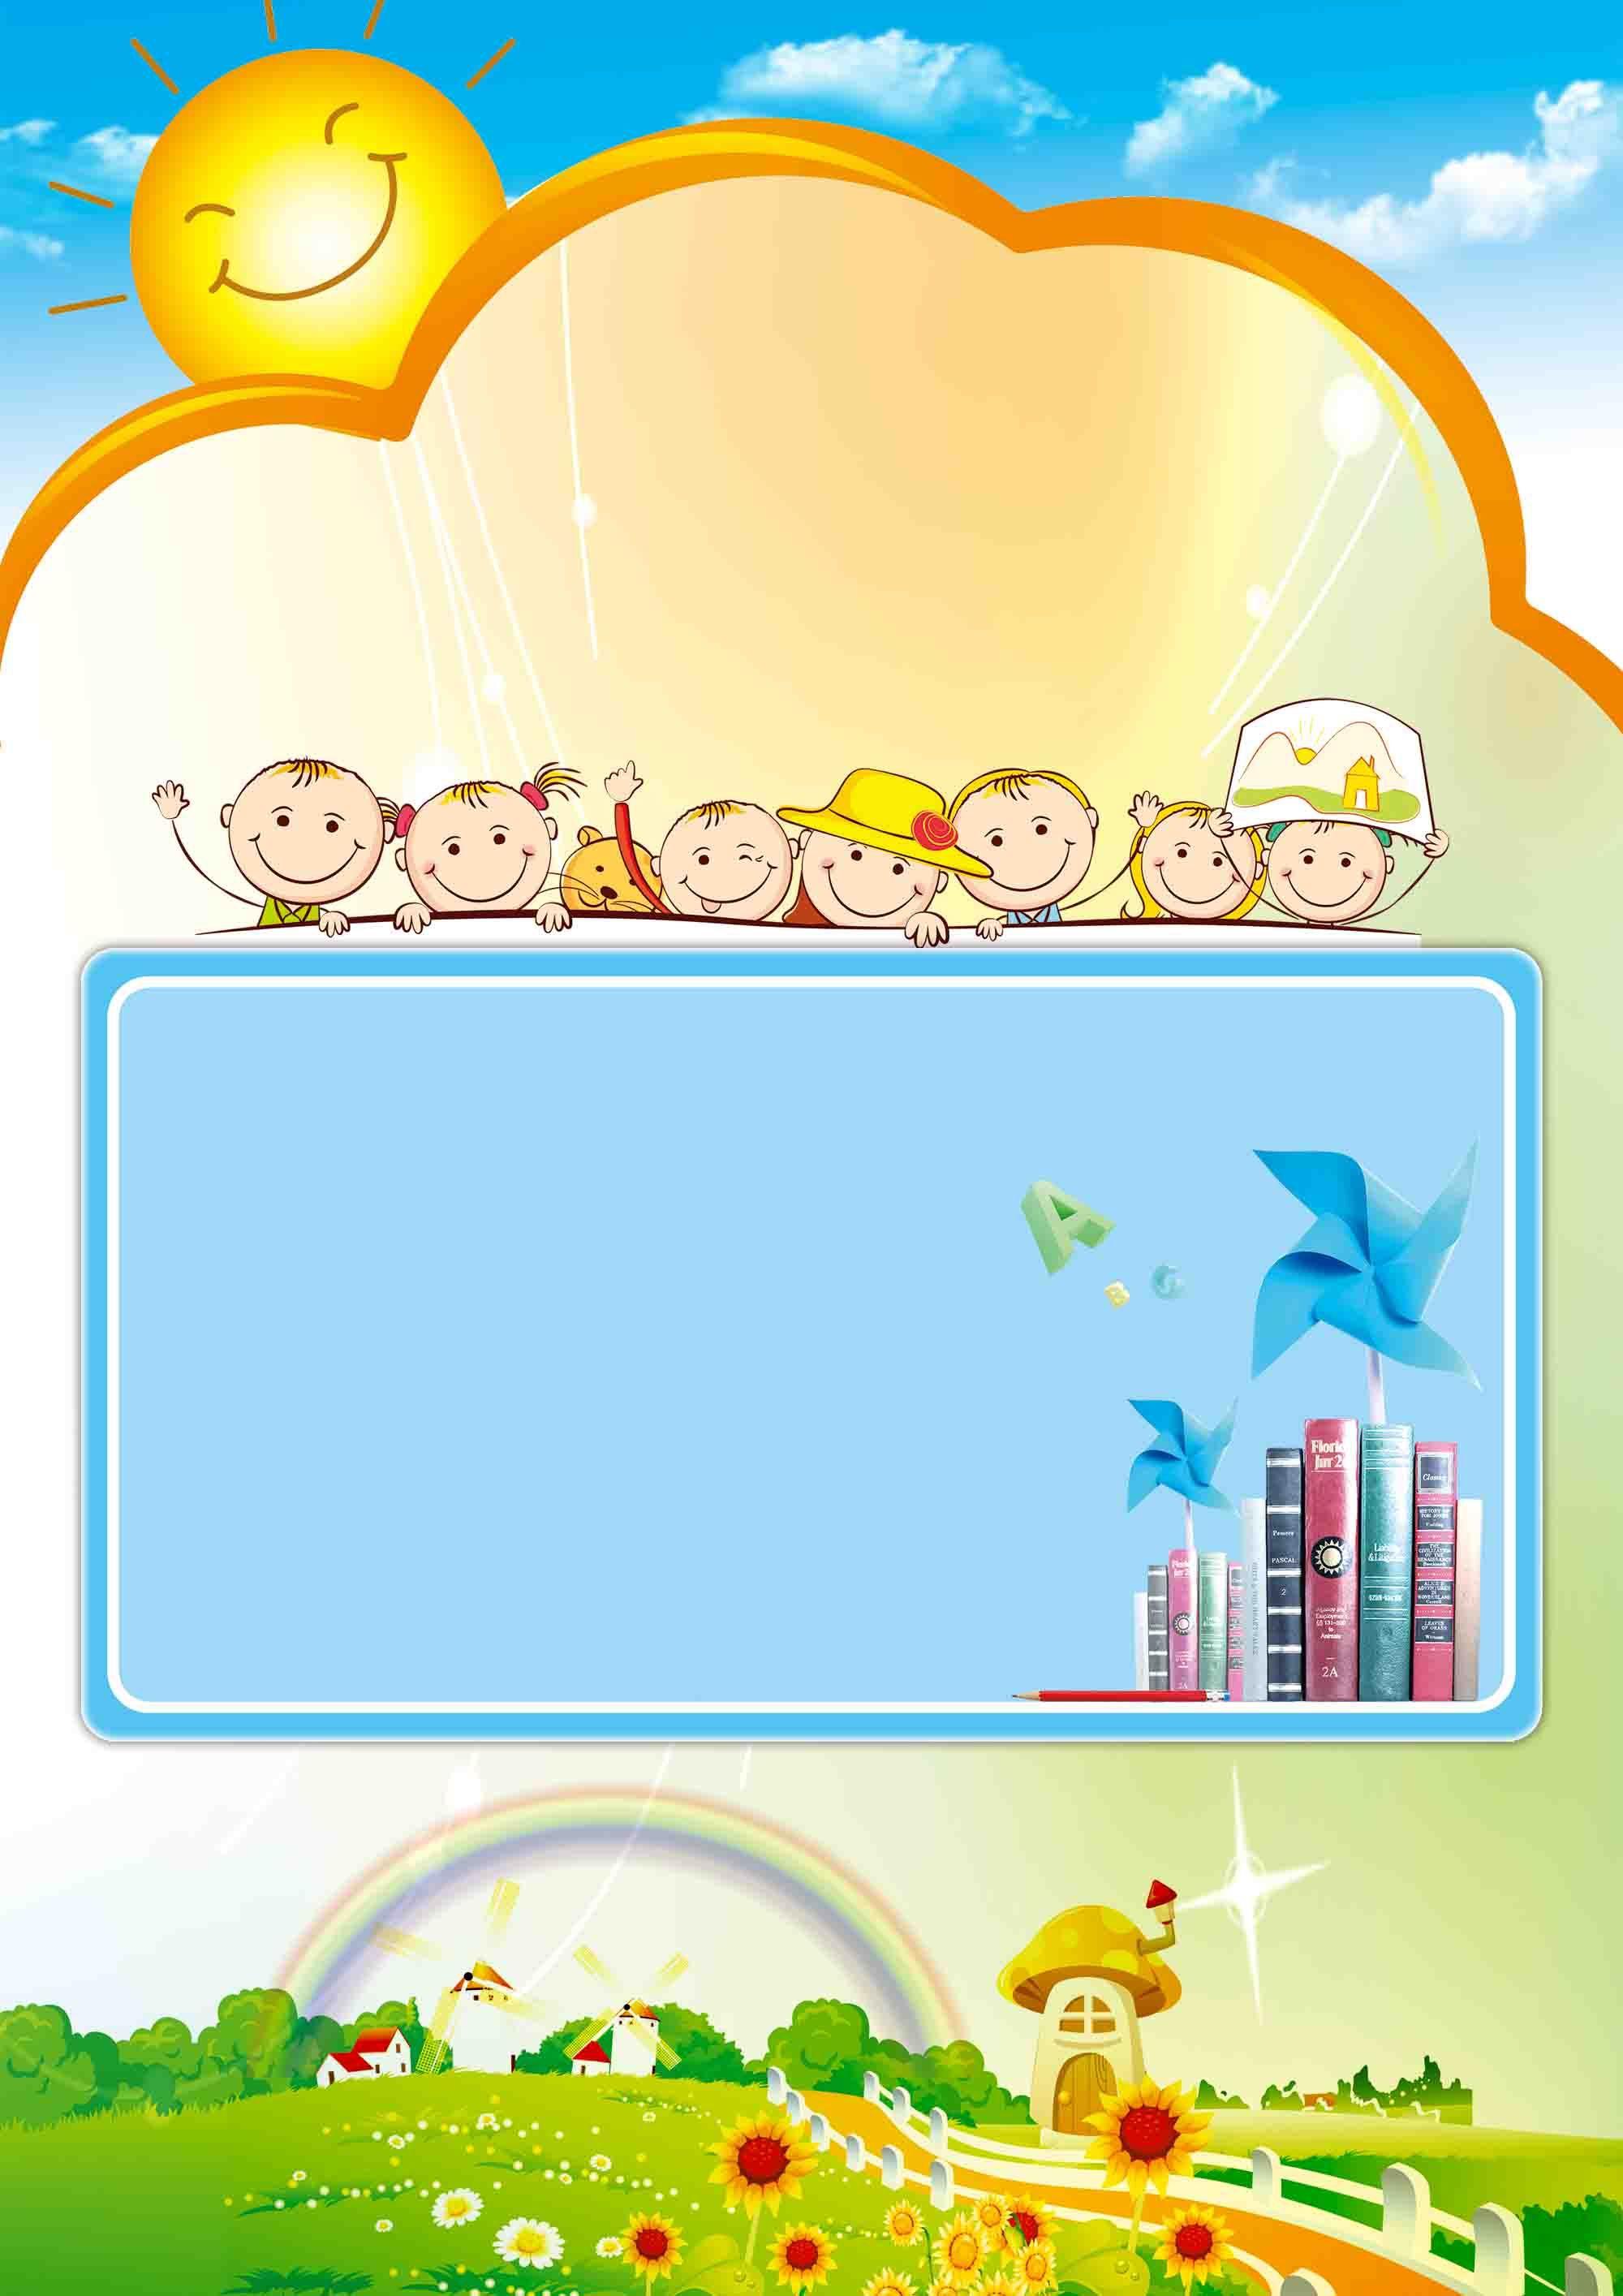 كرتون أطفال الكوري سون دورات جديدة الروضة التسجيل فلم Powerpoint Background Design Poster Design Background Design